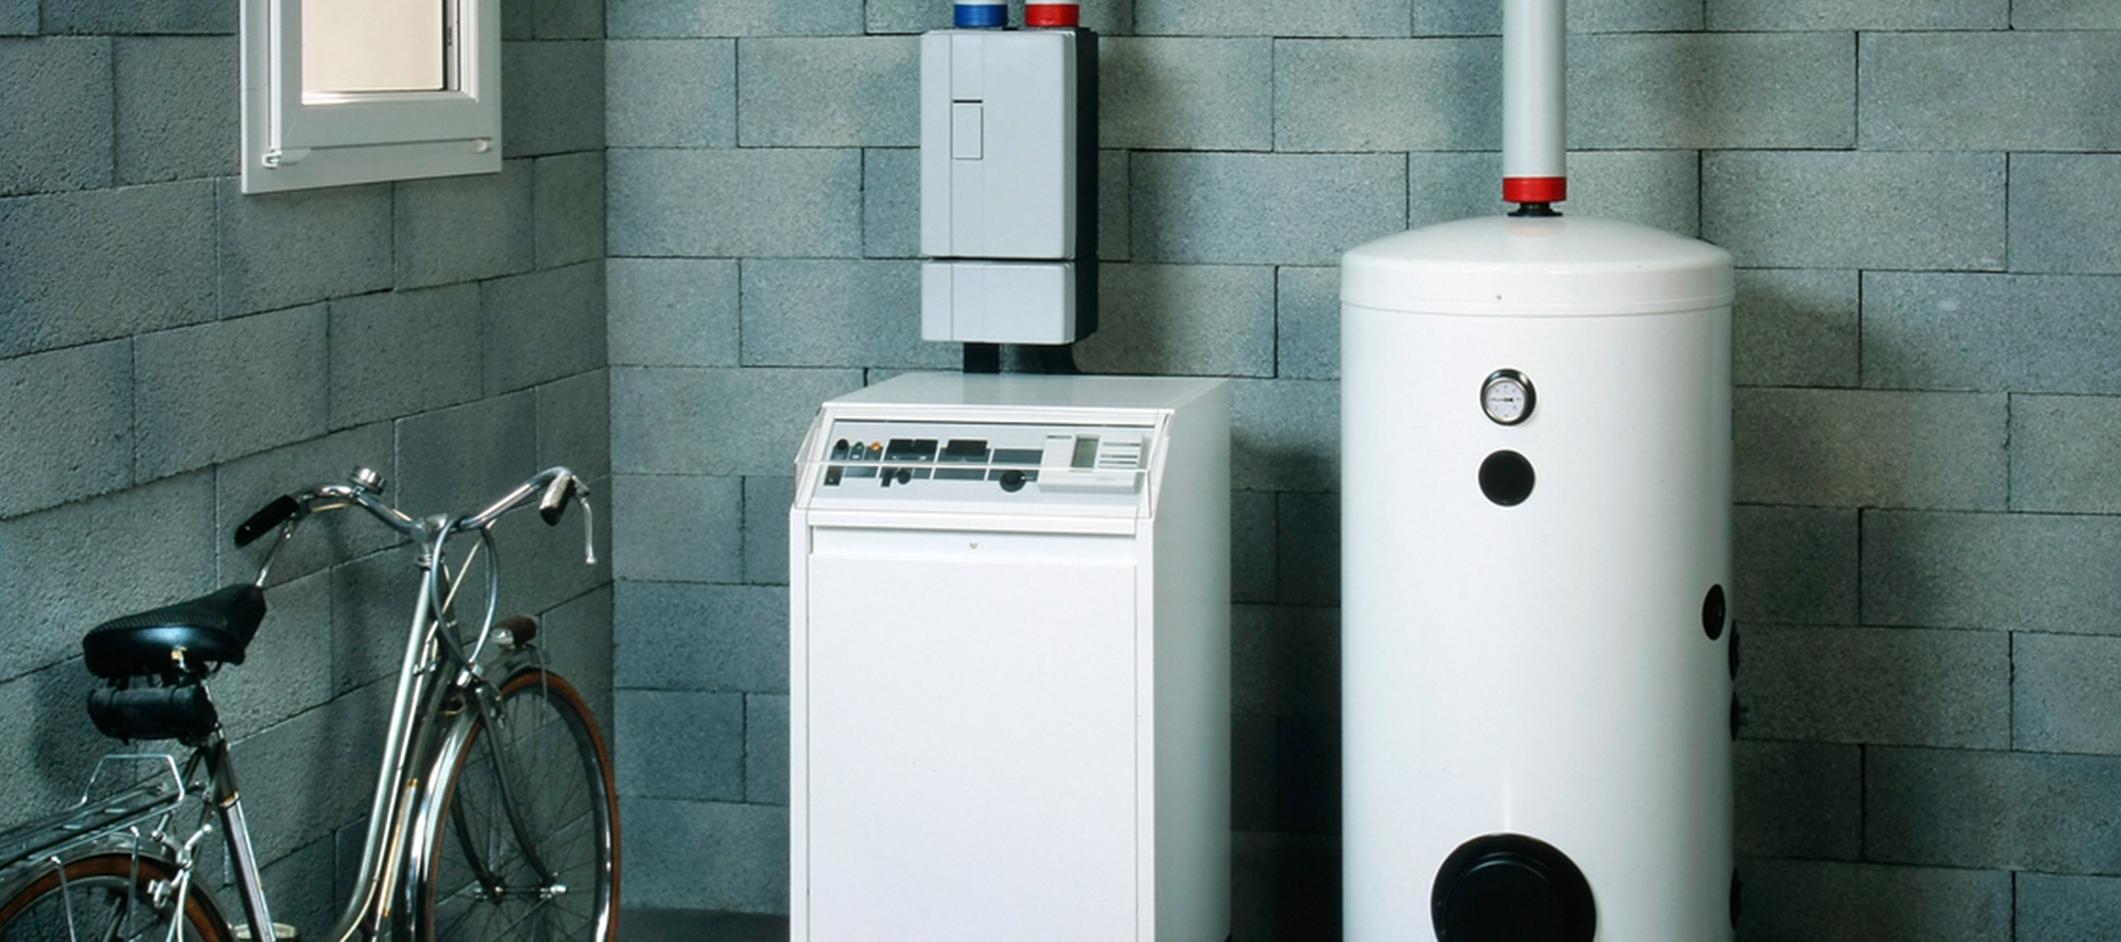 Chaudière gaz ou électrique : faites le bon choix !